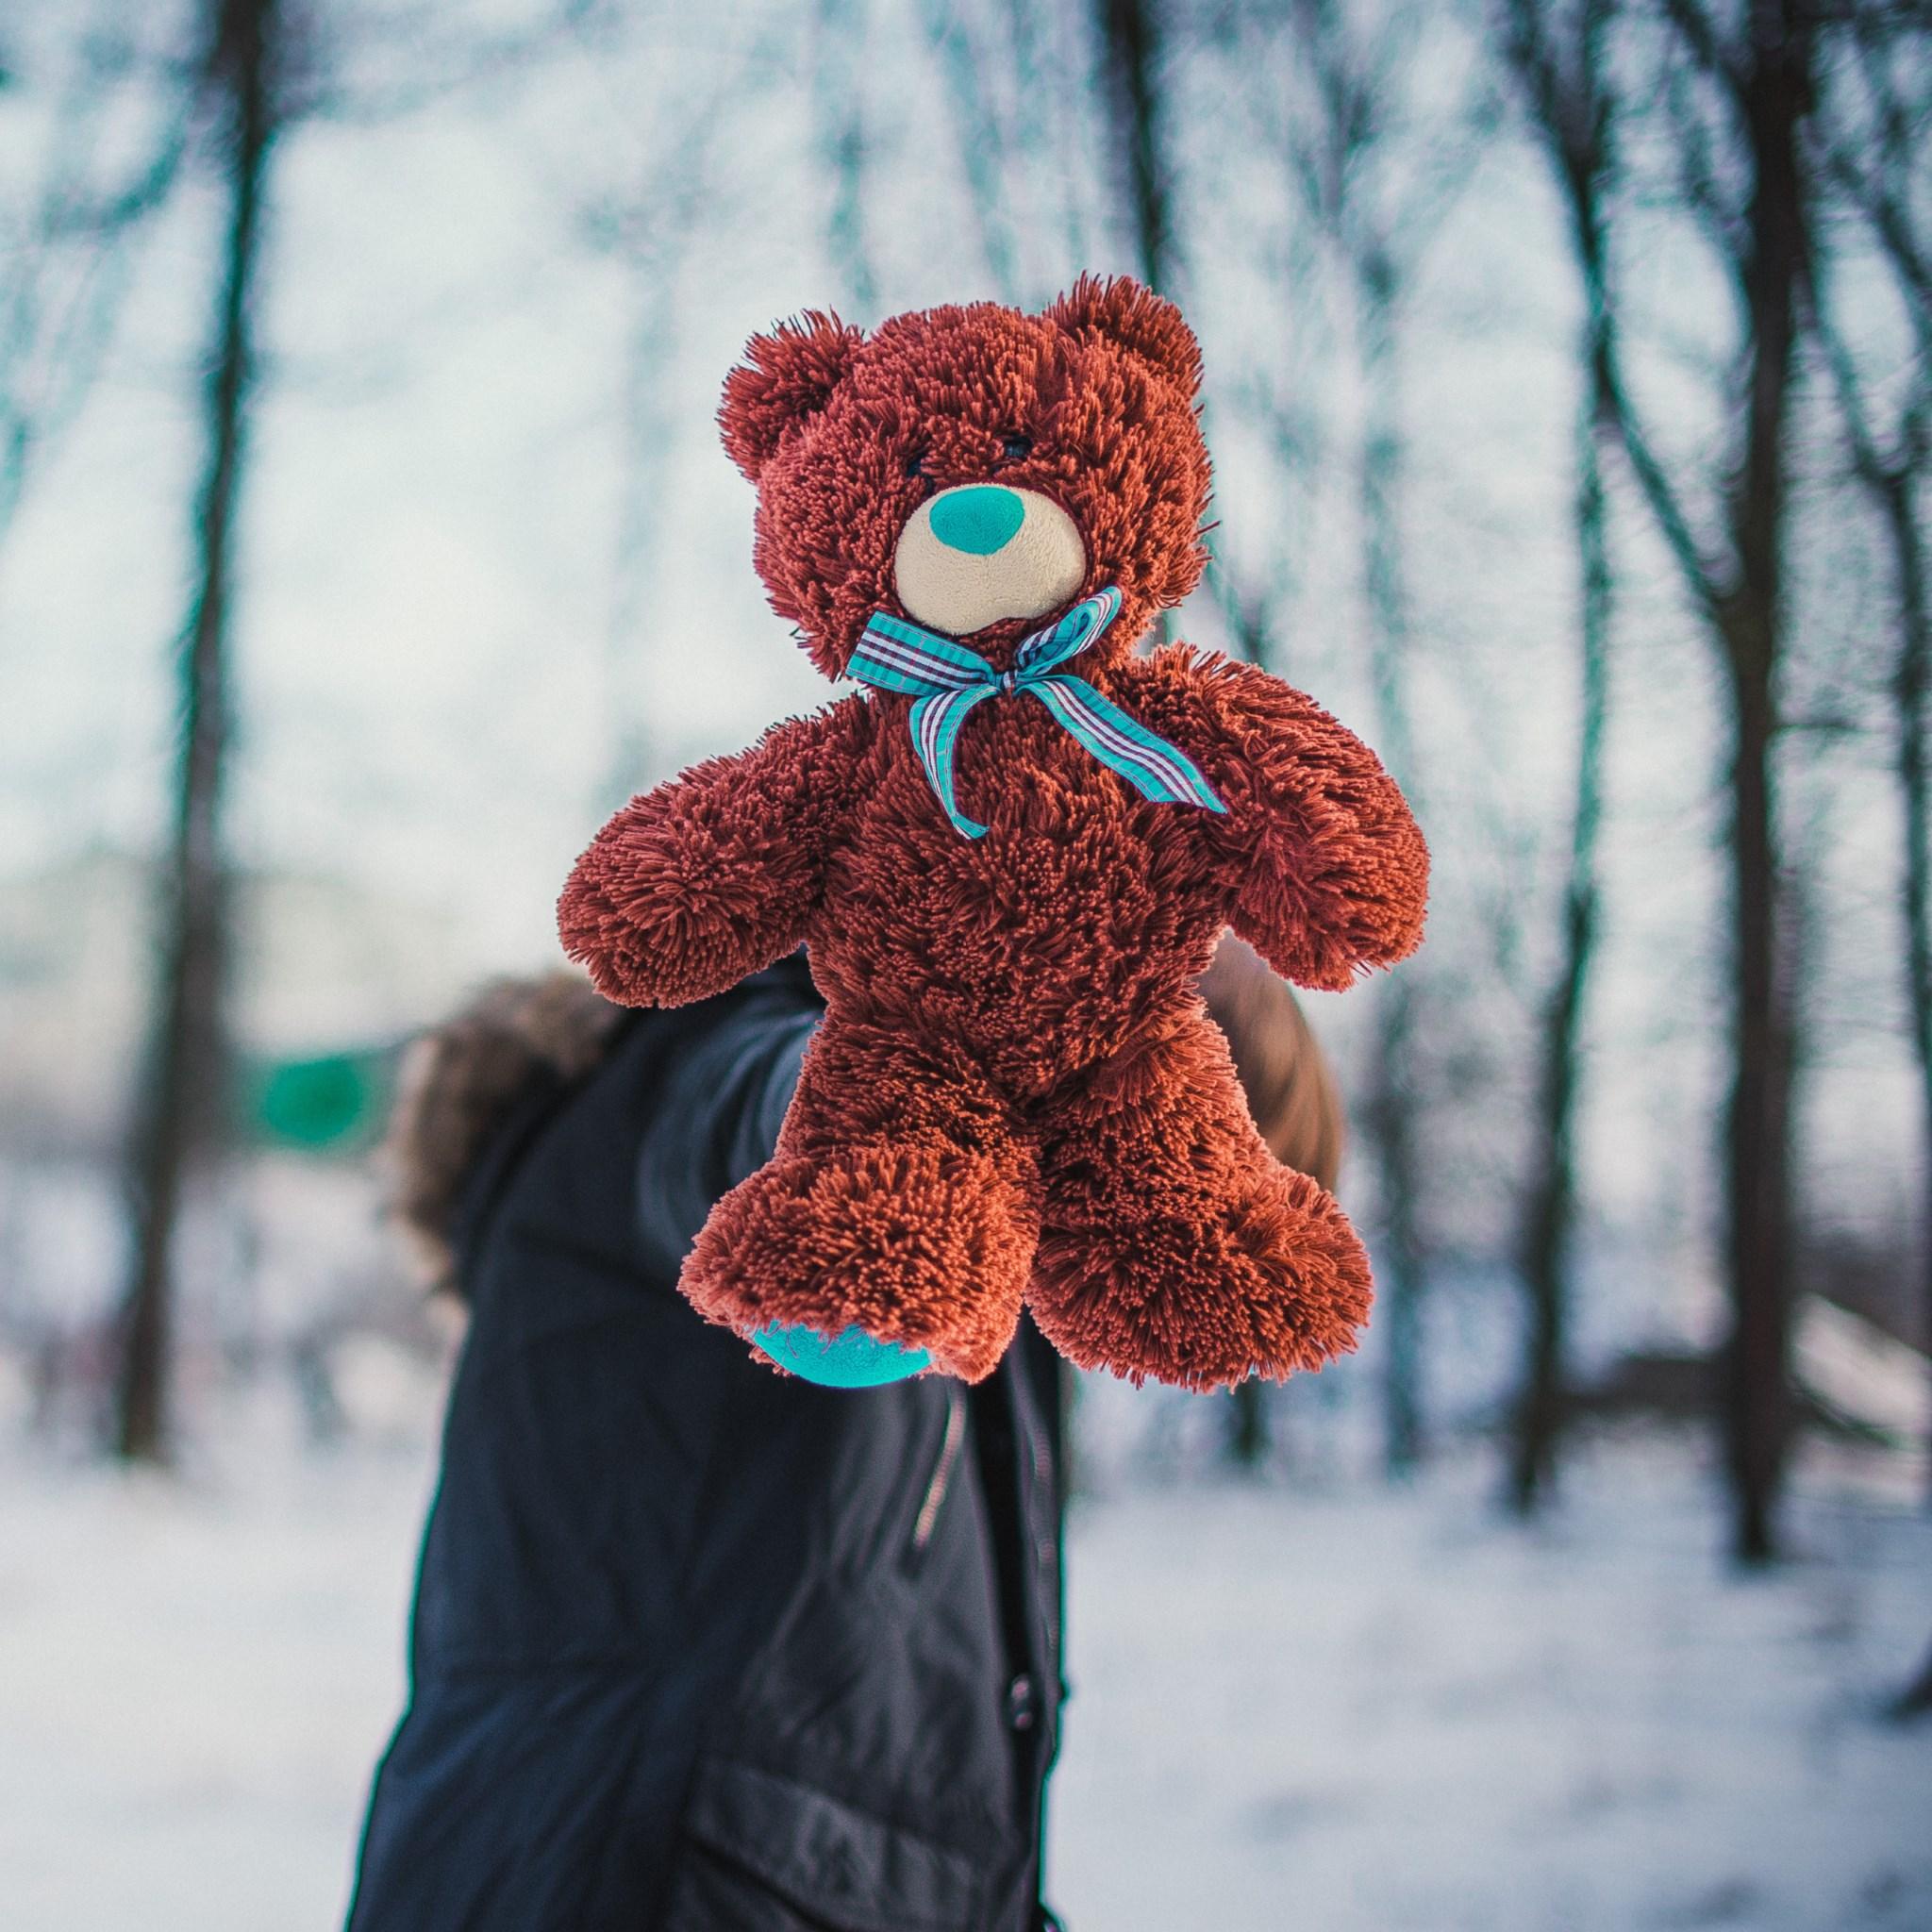 Download Wallpaper Meet My New Teddy Bear 2048x2048